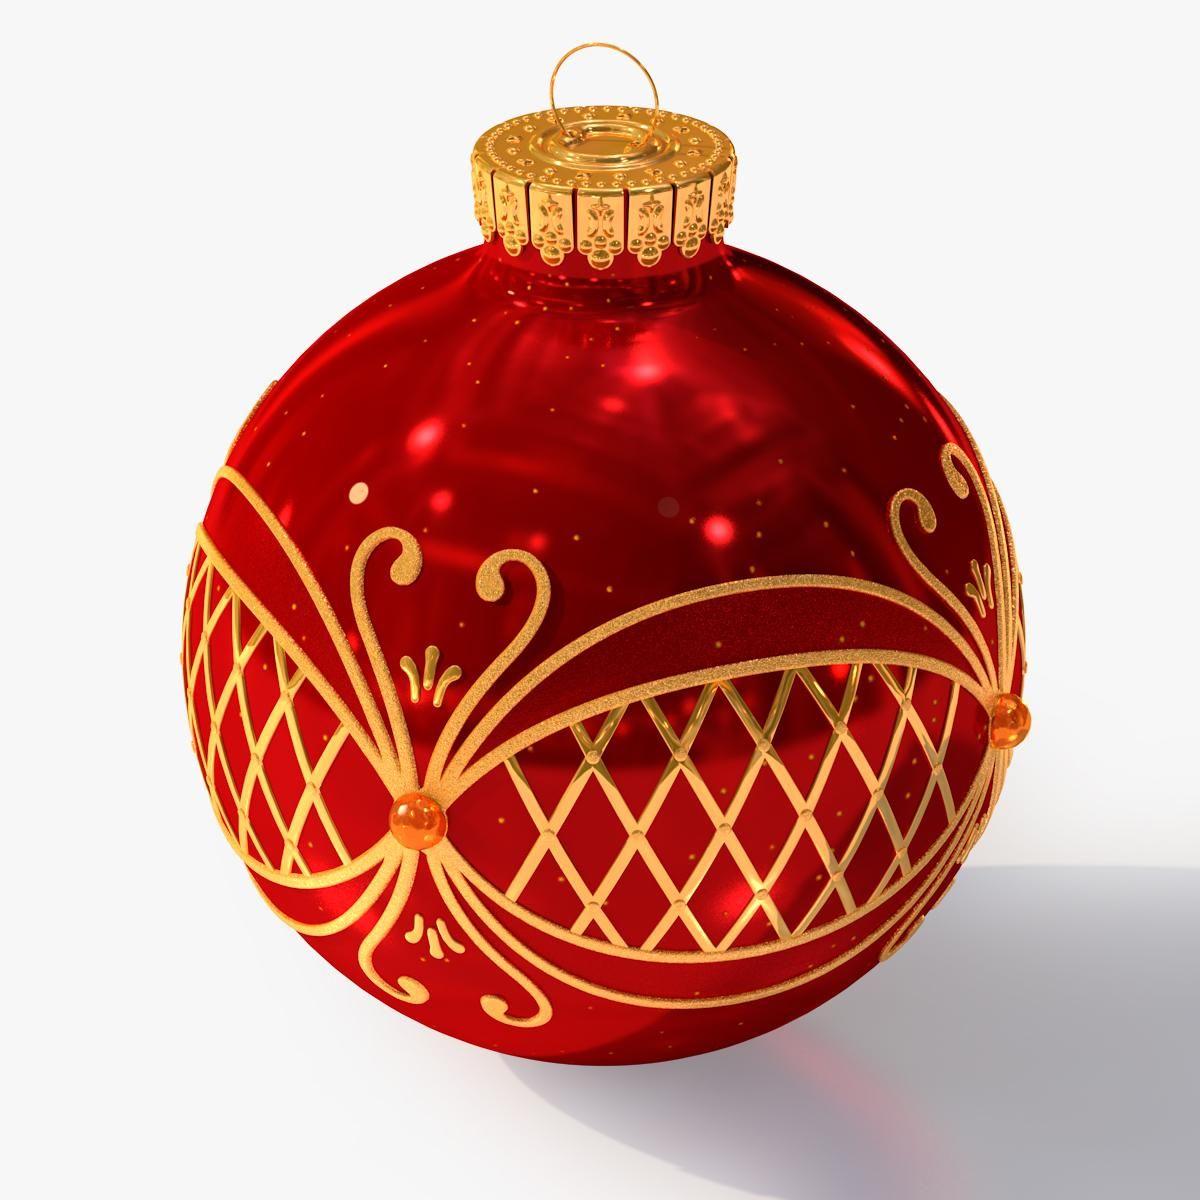 Christmas Ball 3d Model Ad Christmas Ball Model Vectors Patterns Flower Christmas Balls Christmas Christmas Bulbs